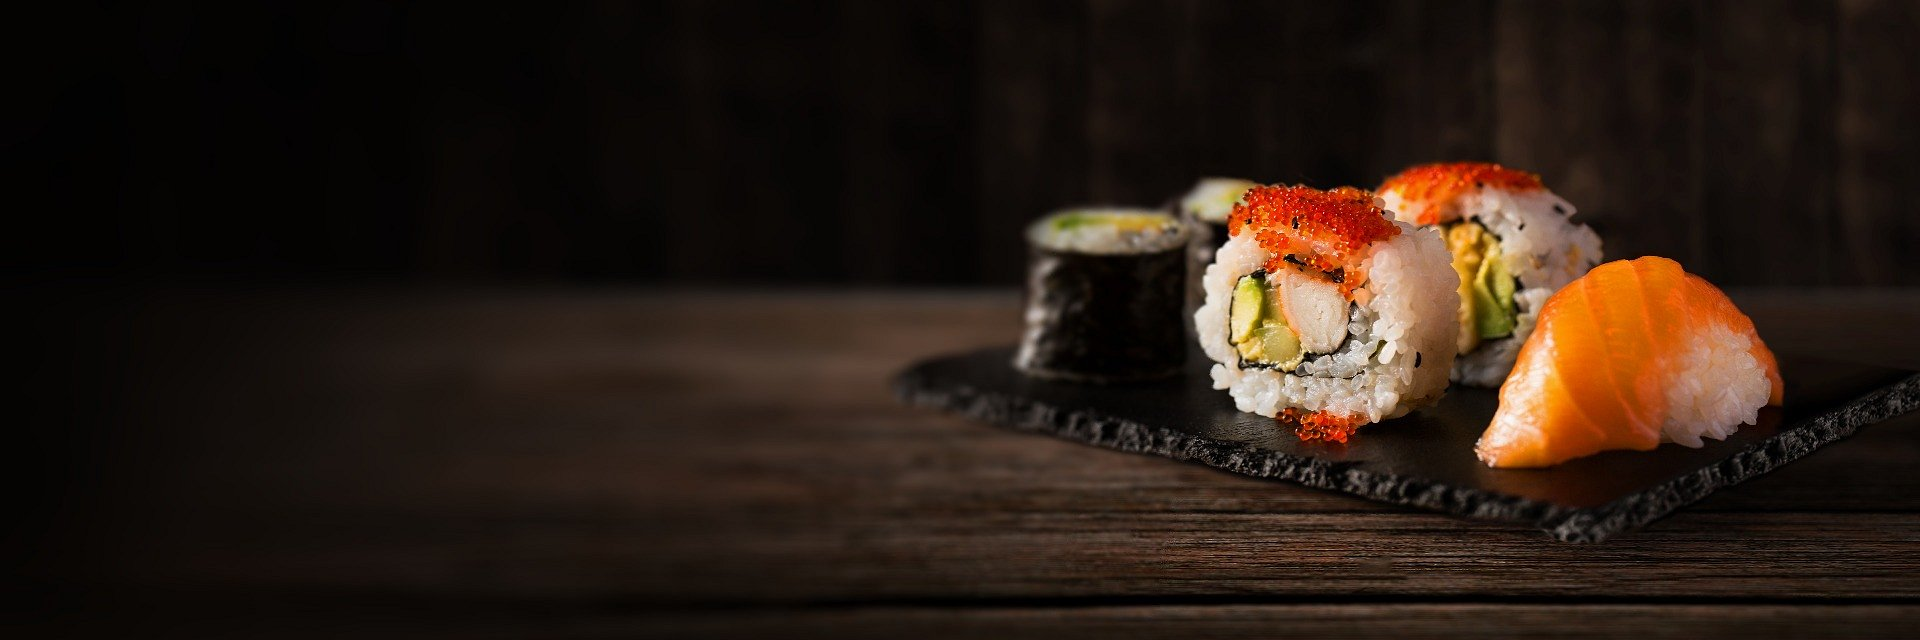 Sushi z dostawą coraz częstszym wyborem na świętowanie Walentynek